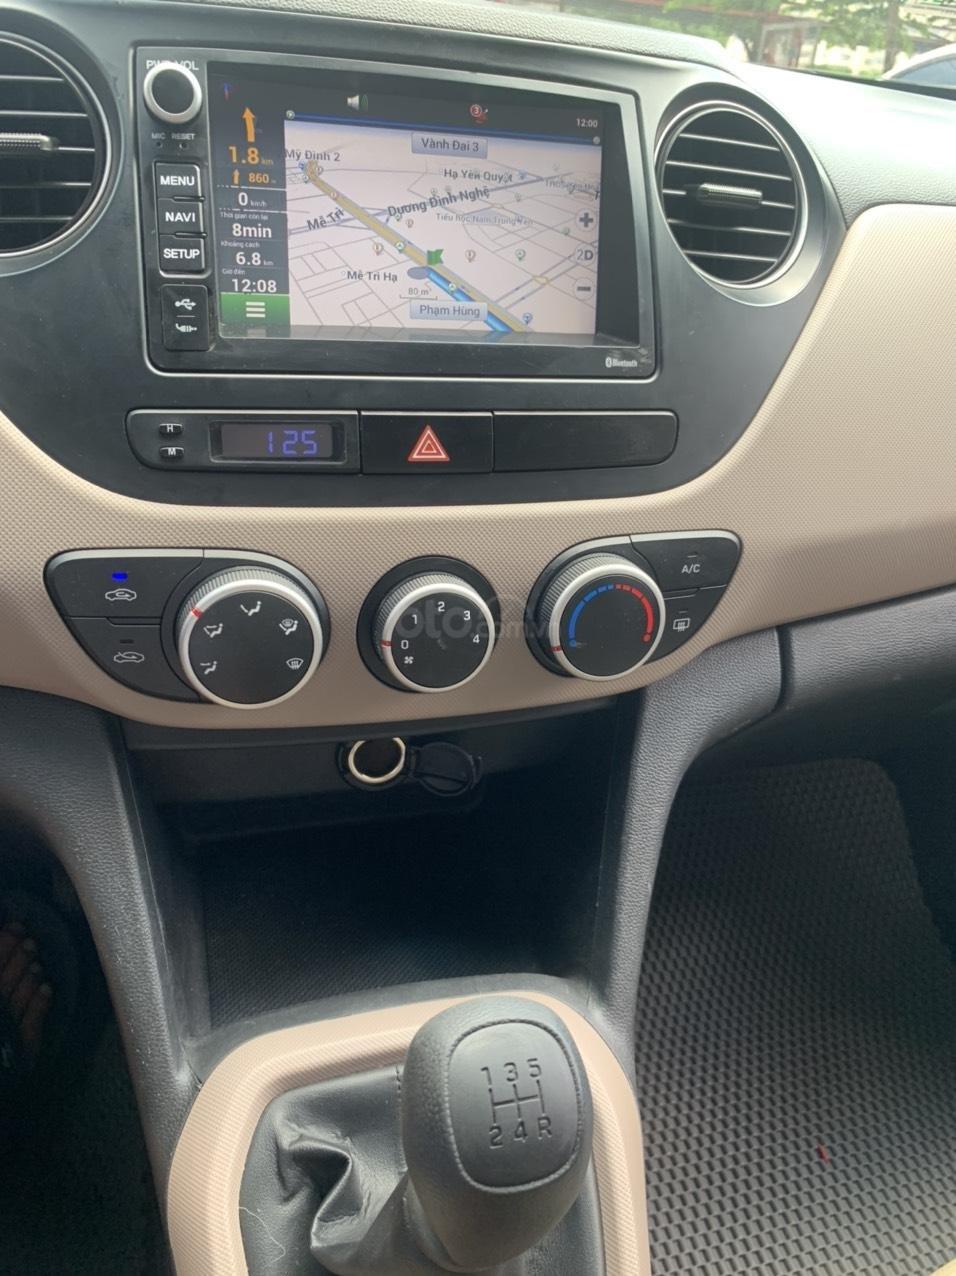 Cần bán xe Hyundai Grand i10 MT 1.0, sản xuất năm 2016 (8)